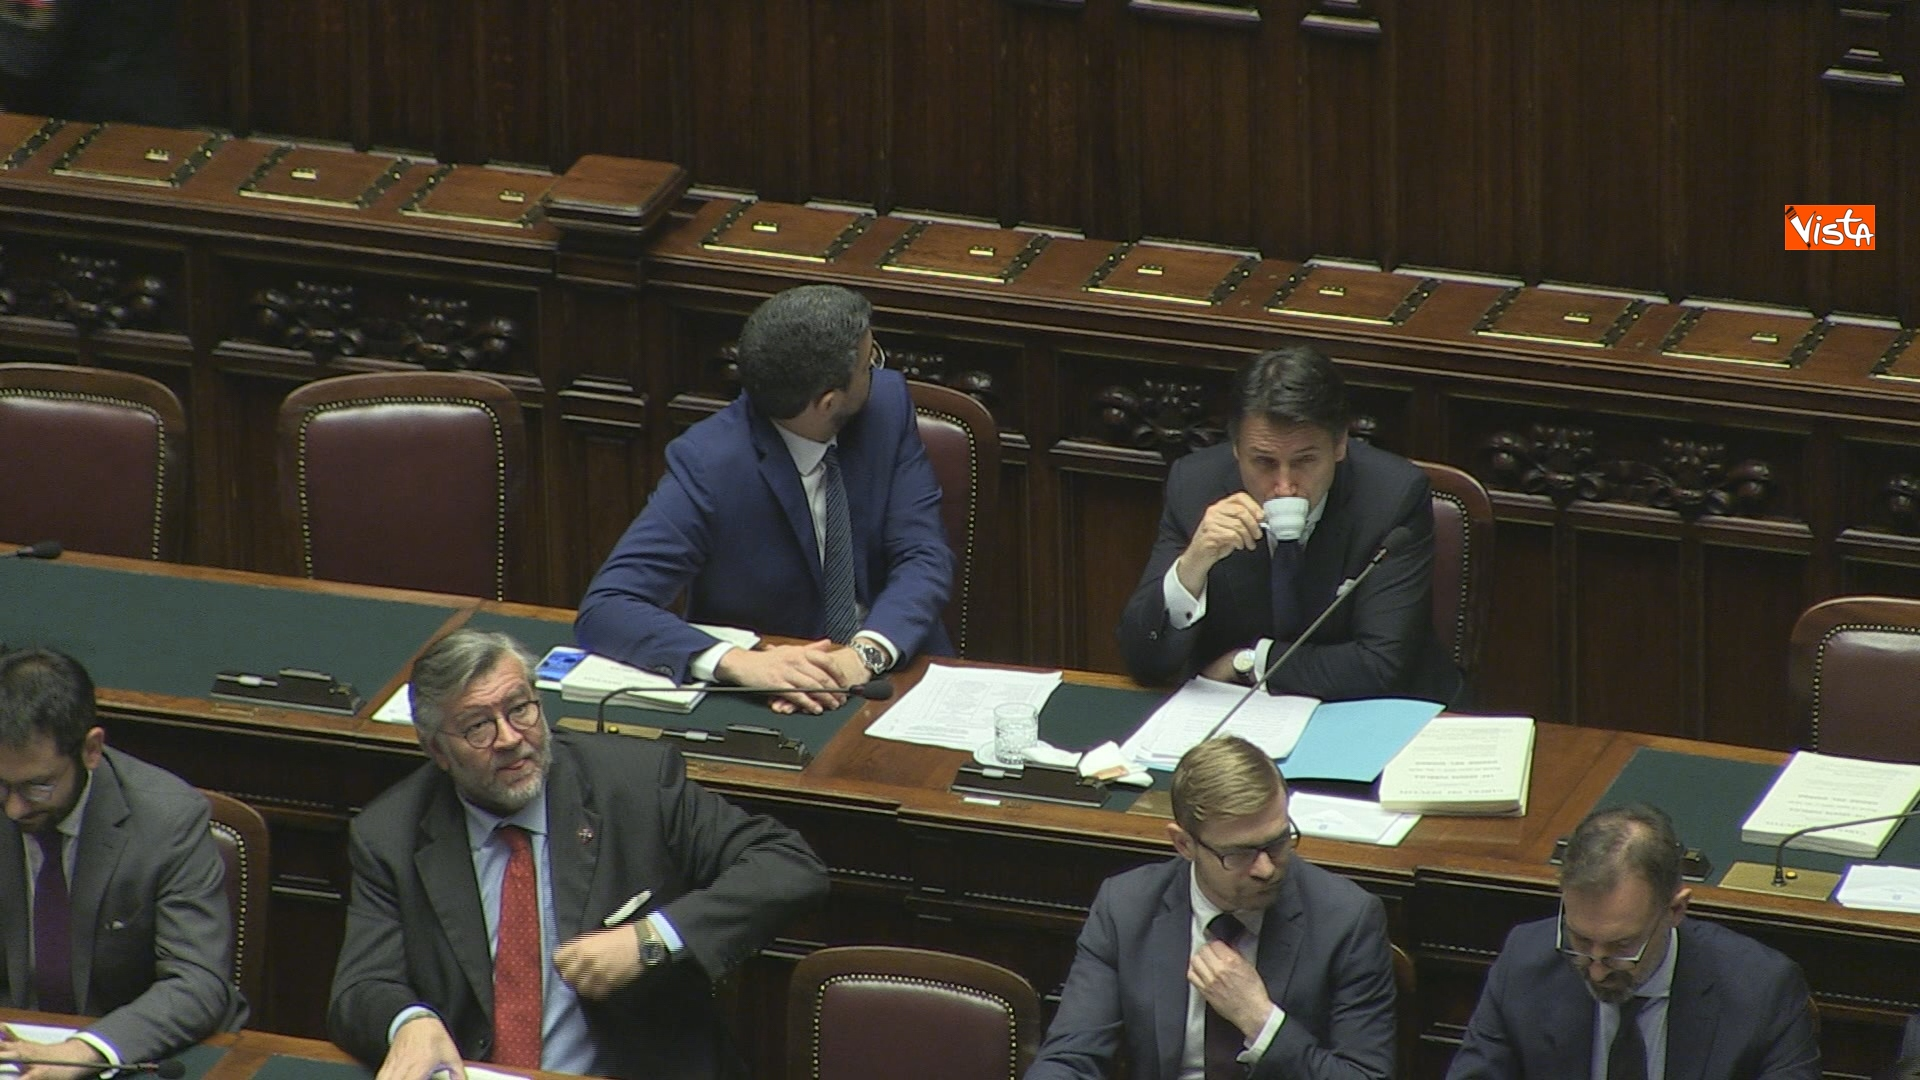 19-03-19 Conte riferisce in Aula Camera su Consiglio Ue e Via della seta immagini